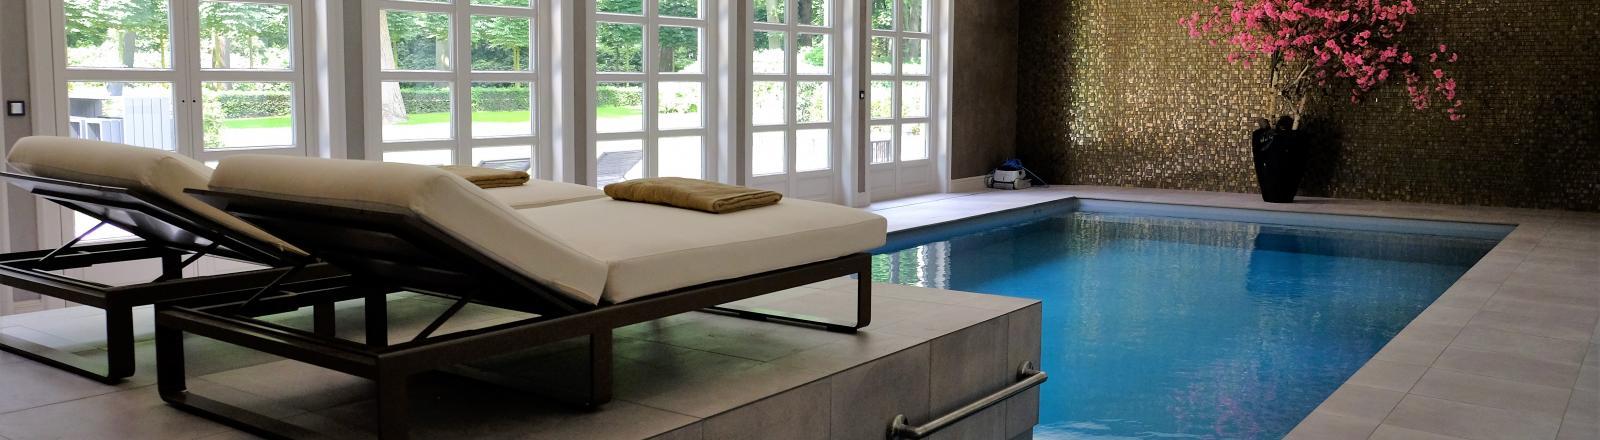 Maak kennis met onze particuliere binnenzwembaden aqua for Binnen zwembaden